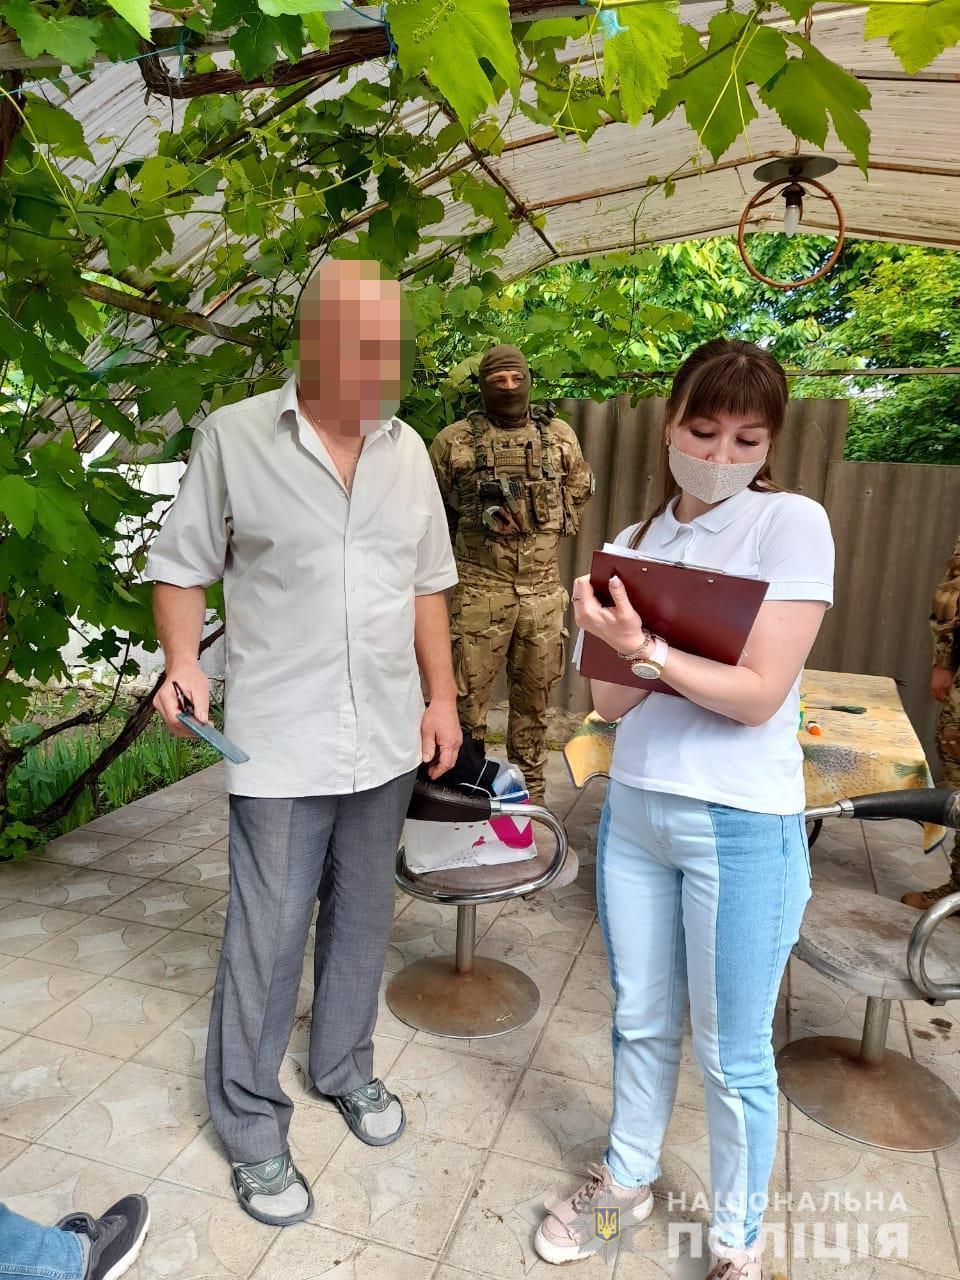 В Харькове арестовали наркоторговца